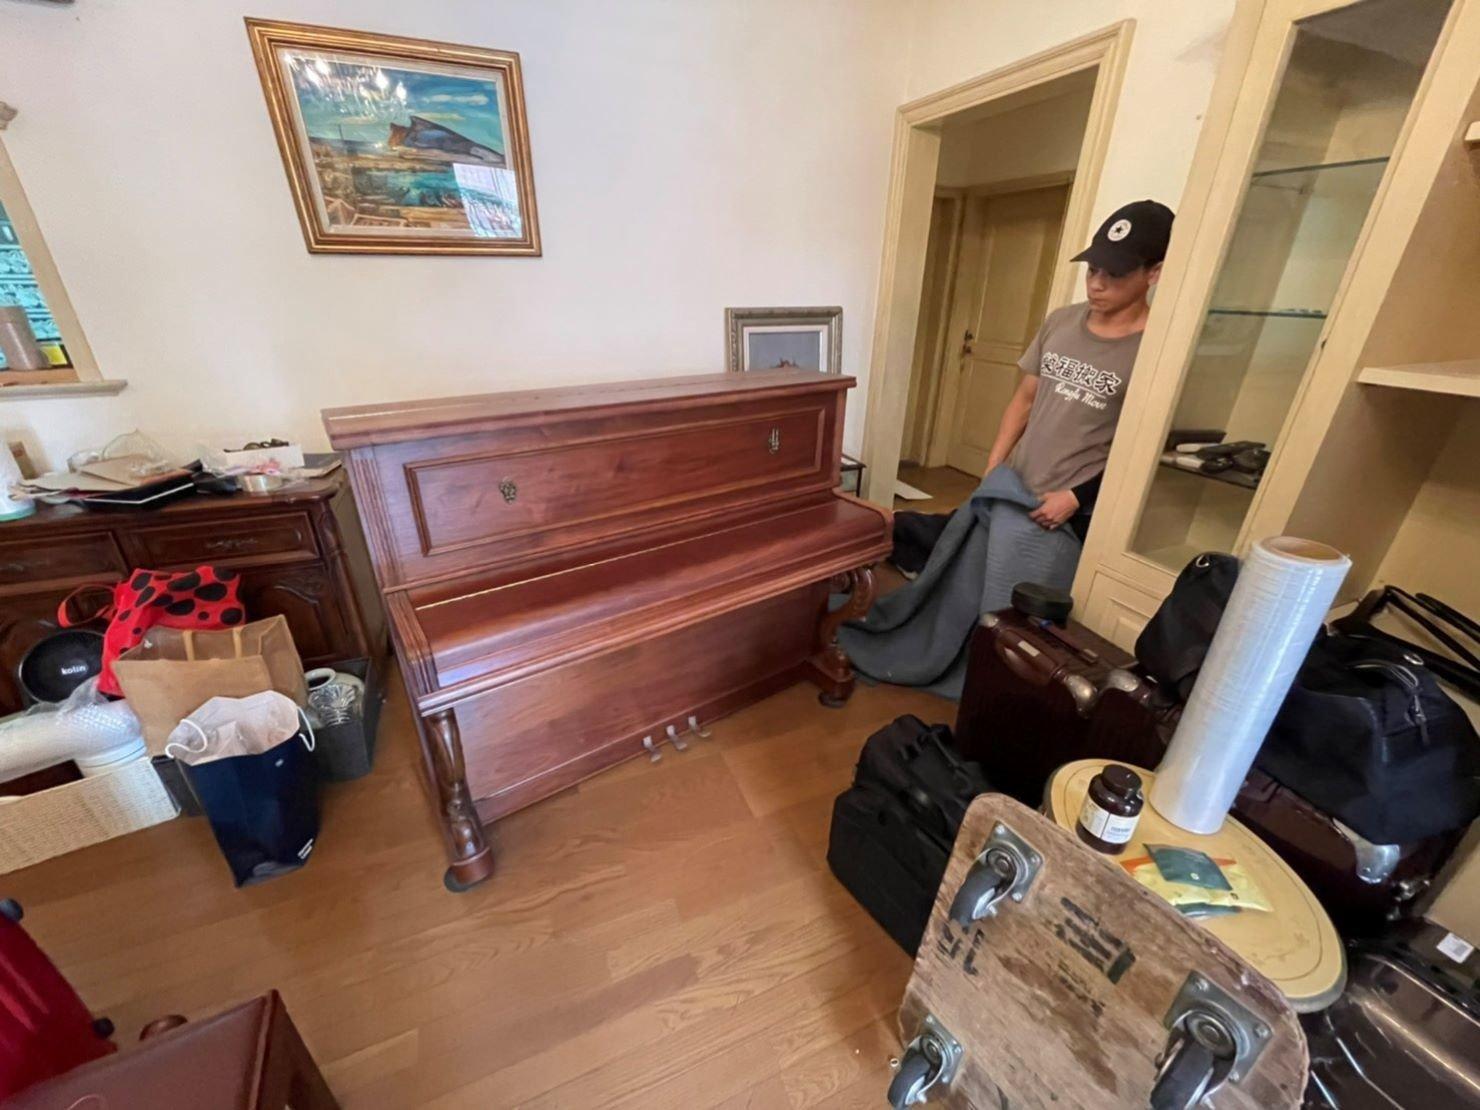 專搬鋼琴、鋼琴搬運、搬鋼琴、搬重物【榮福搬家公司】石墩搬運、搬石椅、搬石頭桌、搬洗衣機、搬披薩窯、精搬金庫、搬保險櫃、精搬魚缸、精搬鋼琴、搬三角琴、平台式鋼琴、演奏琴搬運、鋼琴搬運費用、單件家具運送、單一重物搬運、搬按摩椅、搬醫療床、電動床搬運、學校鋼琴搬運、搬音樂教室、音樂教室樂器搬運、家庭搬家、跨縣市搬家、搬工計時、人力搬運、搬運、搬床墊、搬冰箱、搬家具、搬家首選、吊掛搬運、吊家具搬運、特殊重物搬運、專搬重物、新北搬家公司推薦、搬家公司、基隆搬家、南港搬家、桃園搬家公司、台北搬家公司推薦:大台北搬家,精緻包裝搬運「細膩包裝、專業搬運、用心服務、以客為尊」是榮福搬家公司的宗旨與精神。歡迎立即來電02-2651-2727專人服務。系統式家具拆裝找專業的榮福搬家就對了!